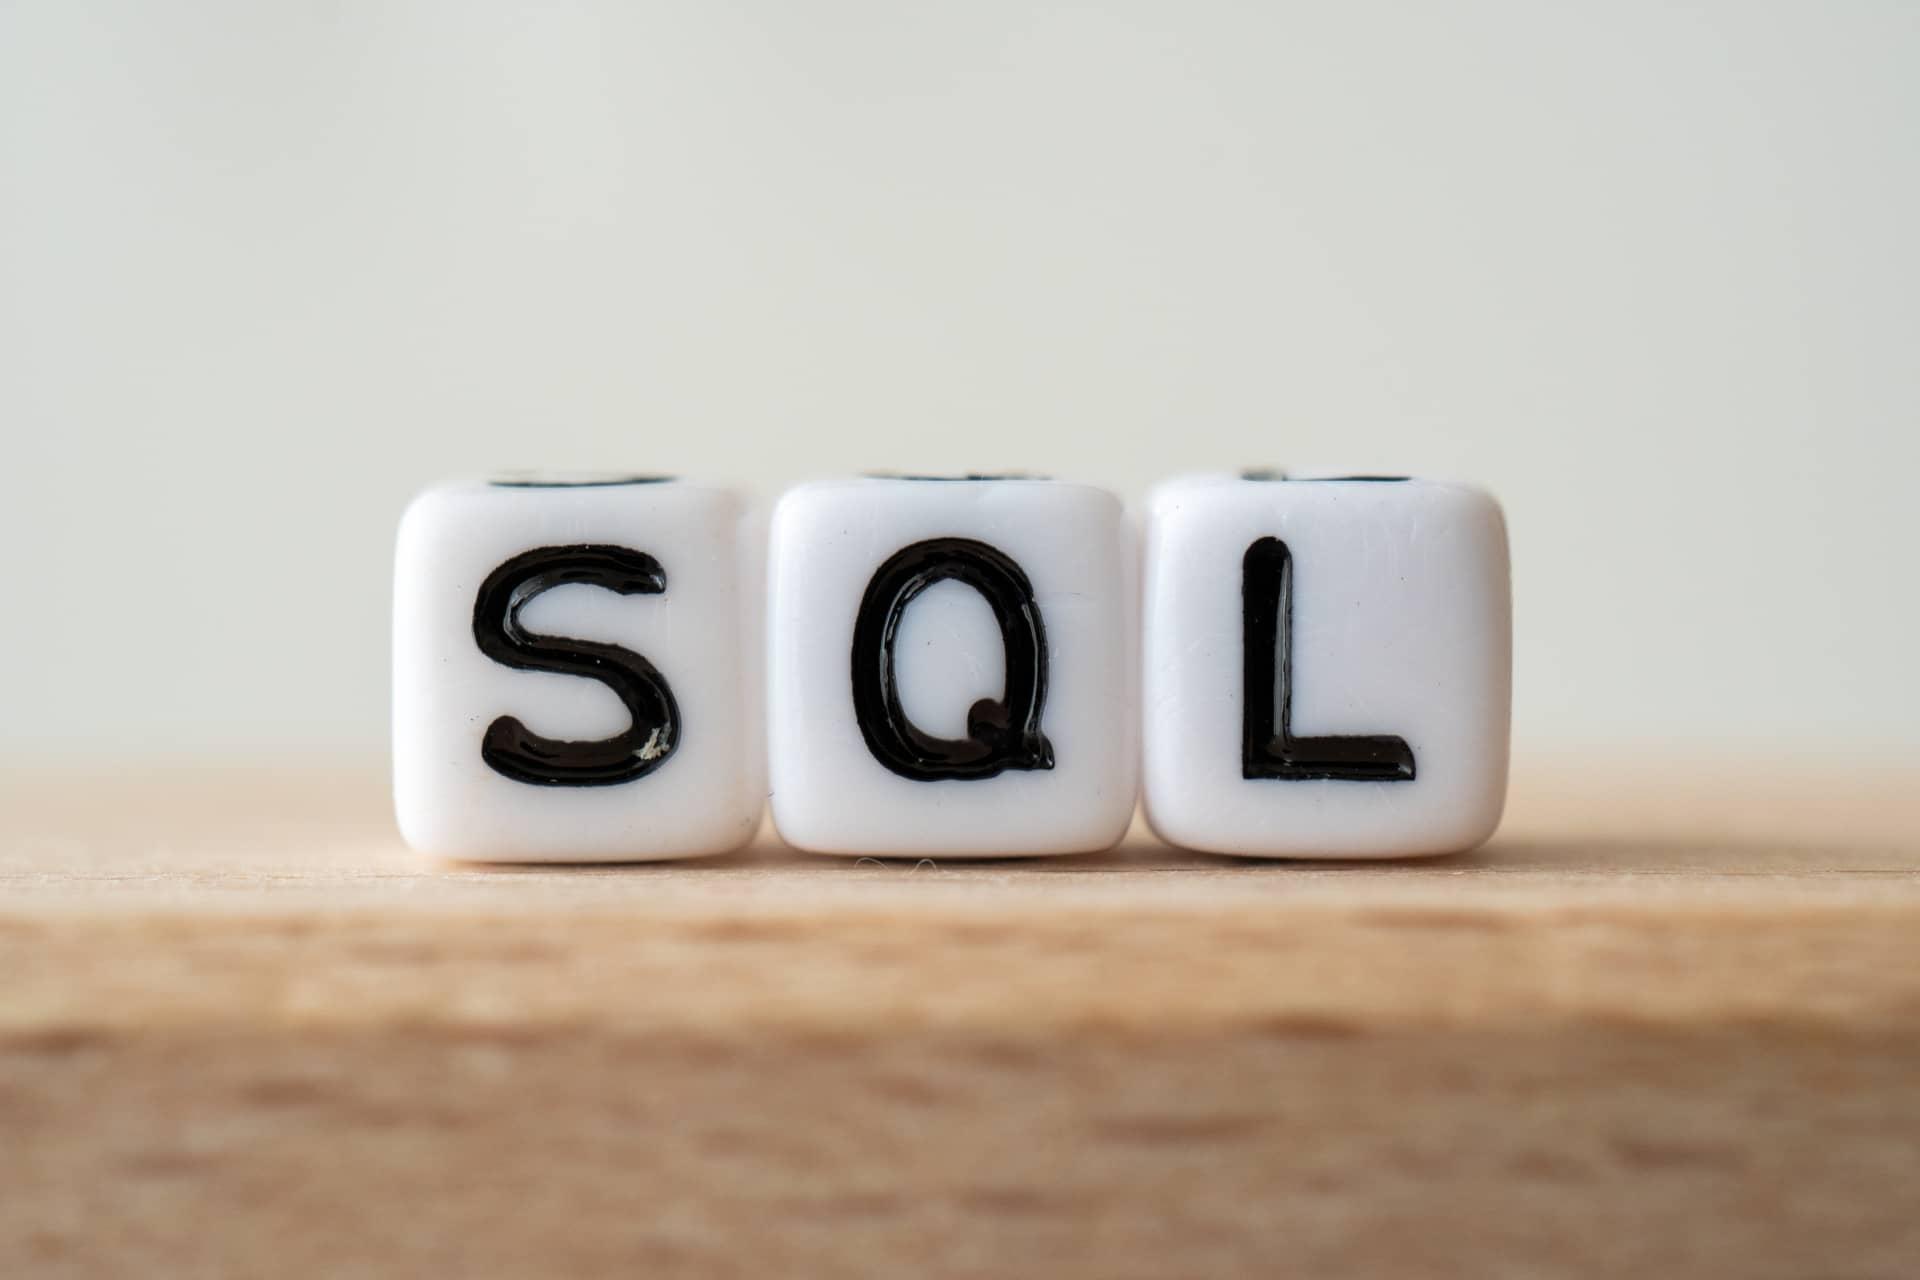 EC-CUBEプラグインに、SQLインジェクションの脆弱性